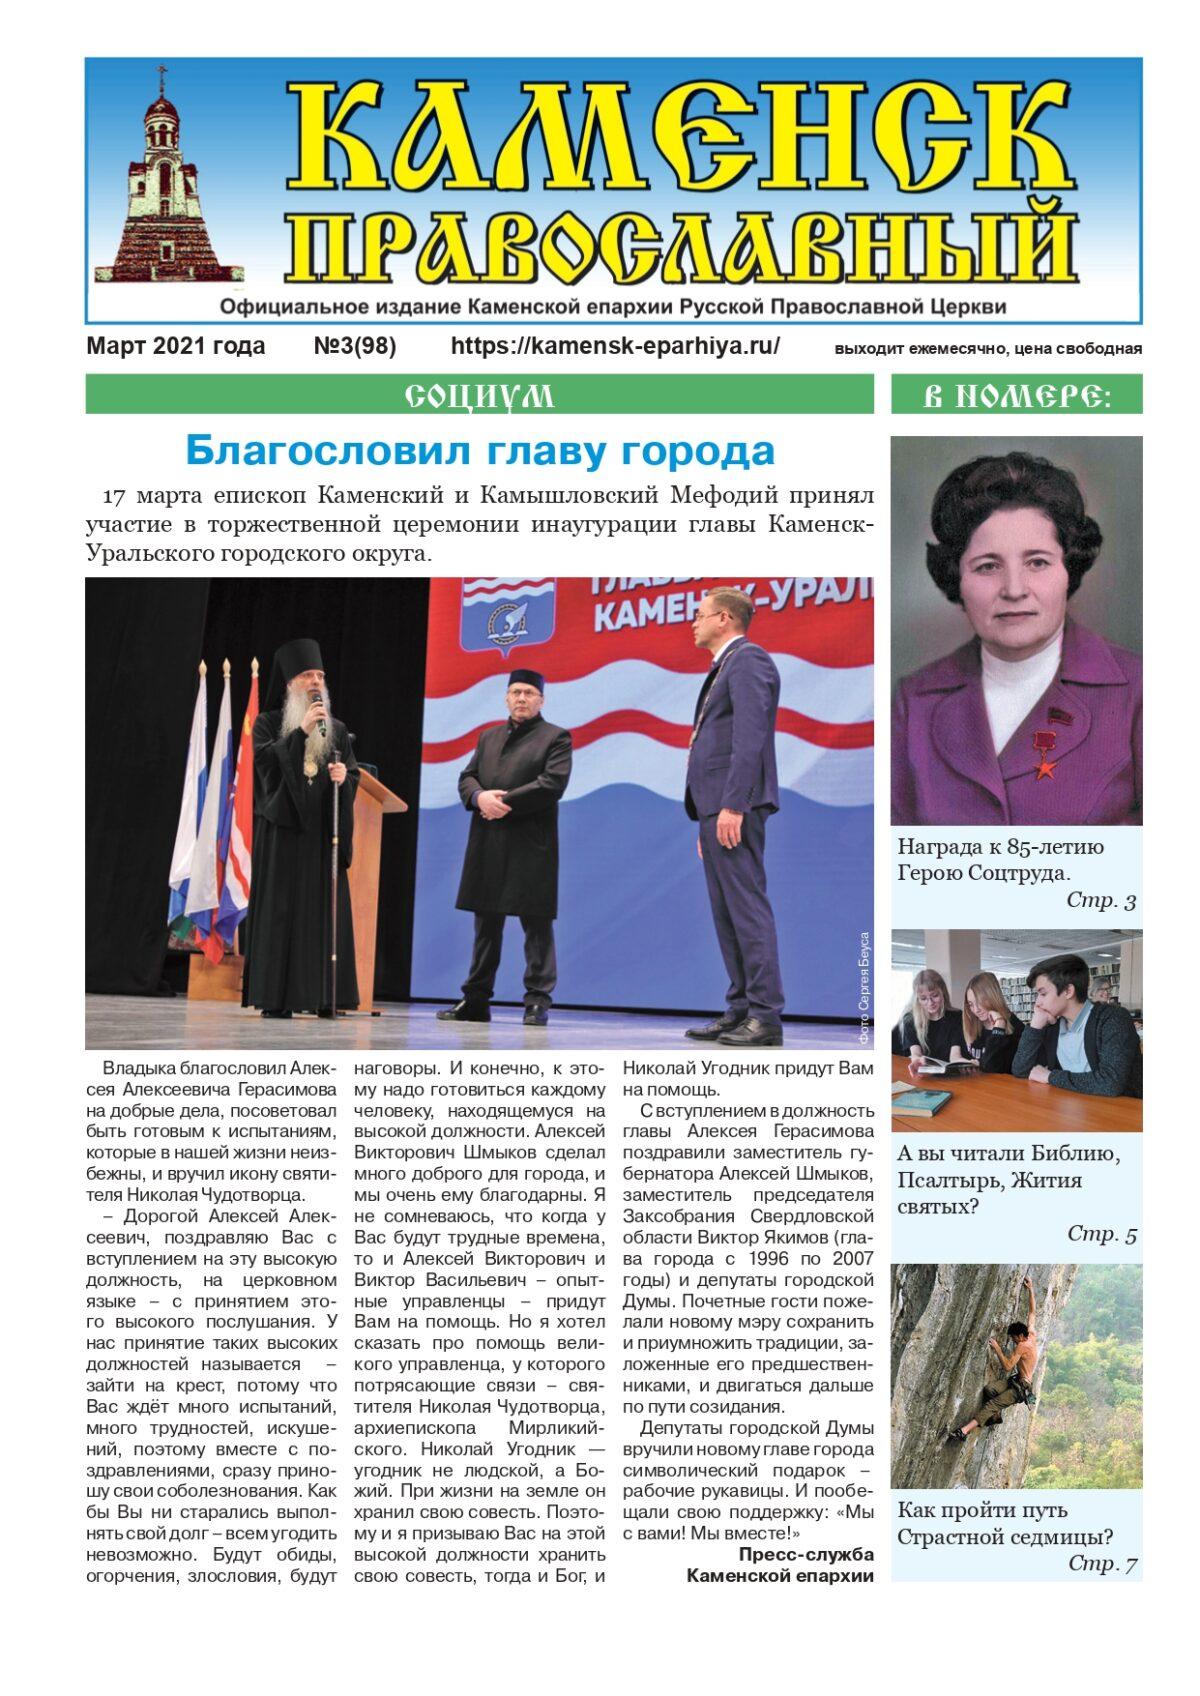 Опубликован мартовский выпуск епархиальной газеты «Каменск Православный»